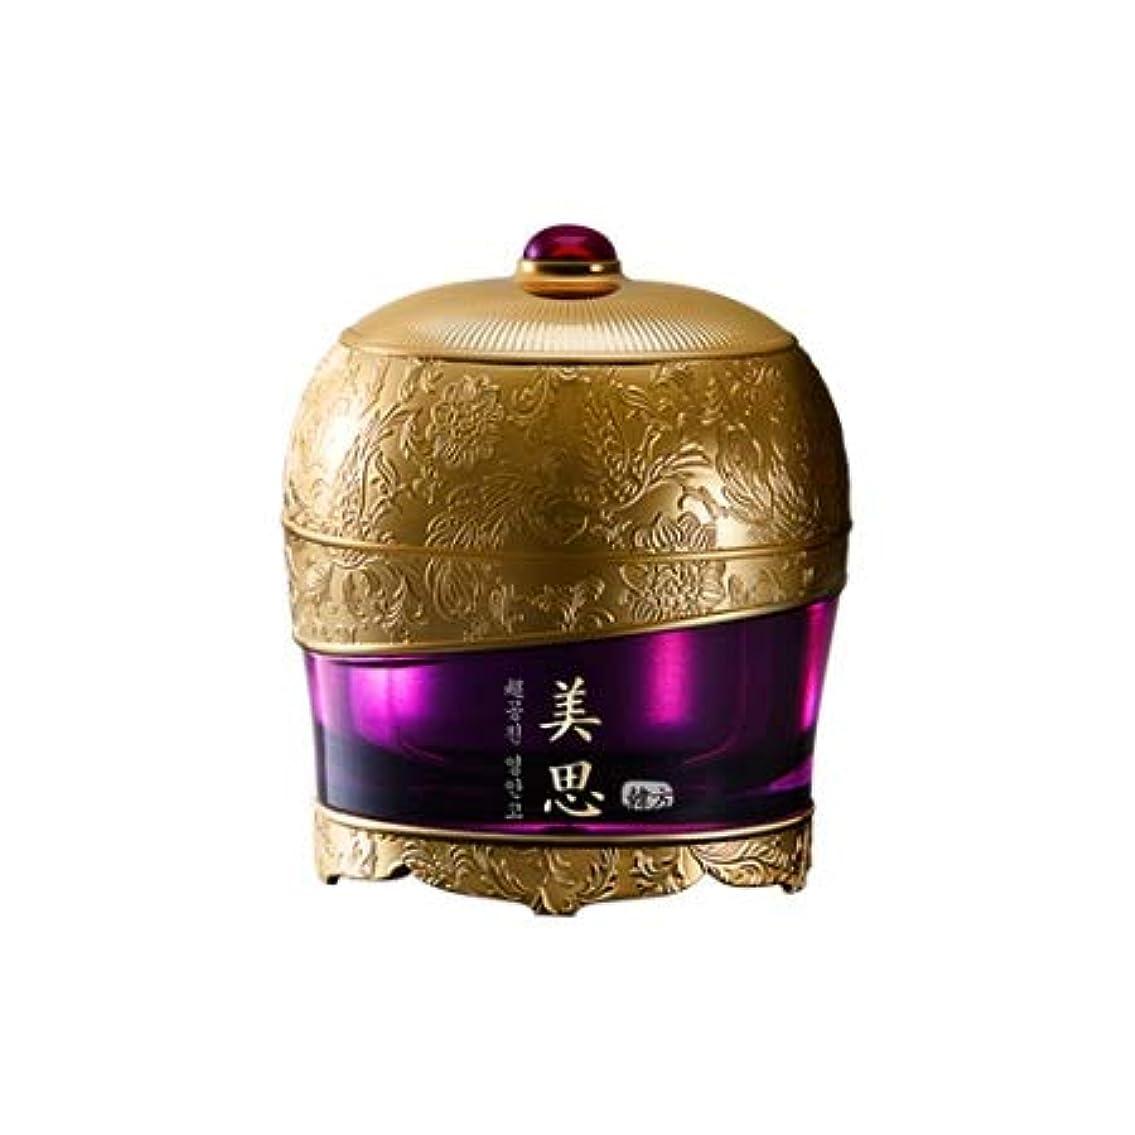 楽しませるはねかけるうぬぼれMISSHA Chogongjin Premium cream ミシャ美思超拱辰(チョゴンジン) 永安膏 クリーム クリーム 60ml [並行輸入品]